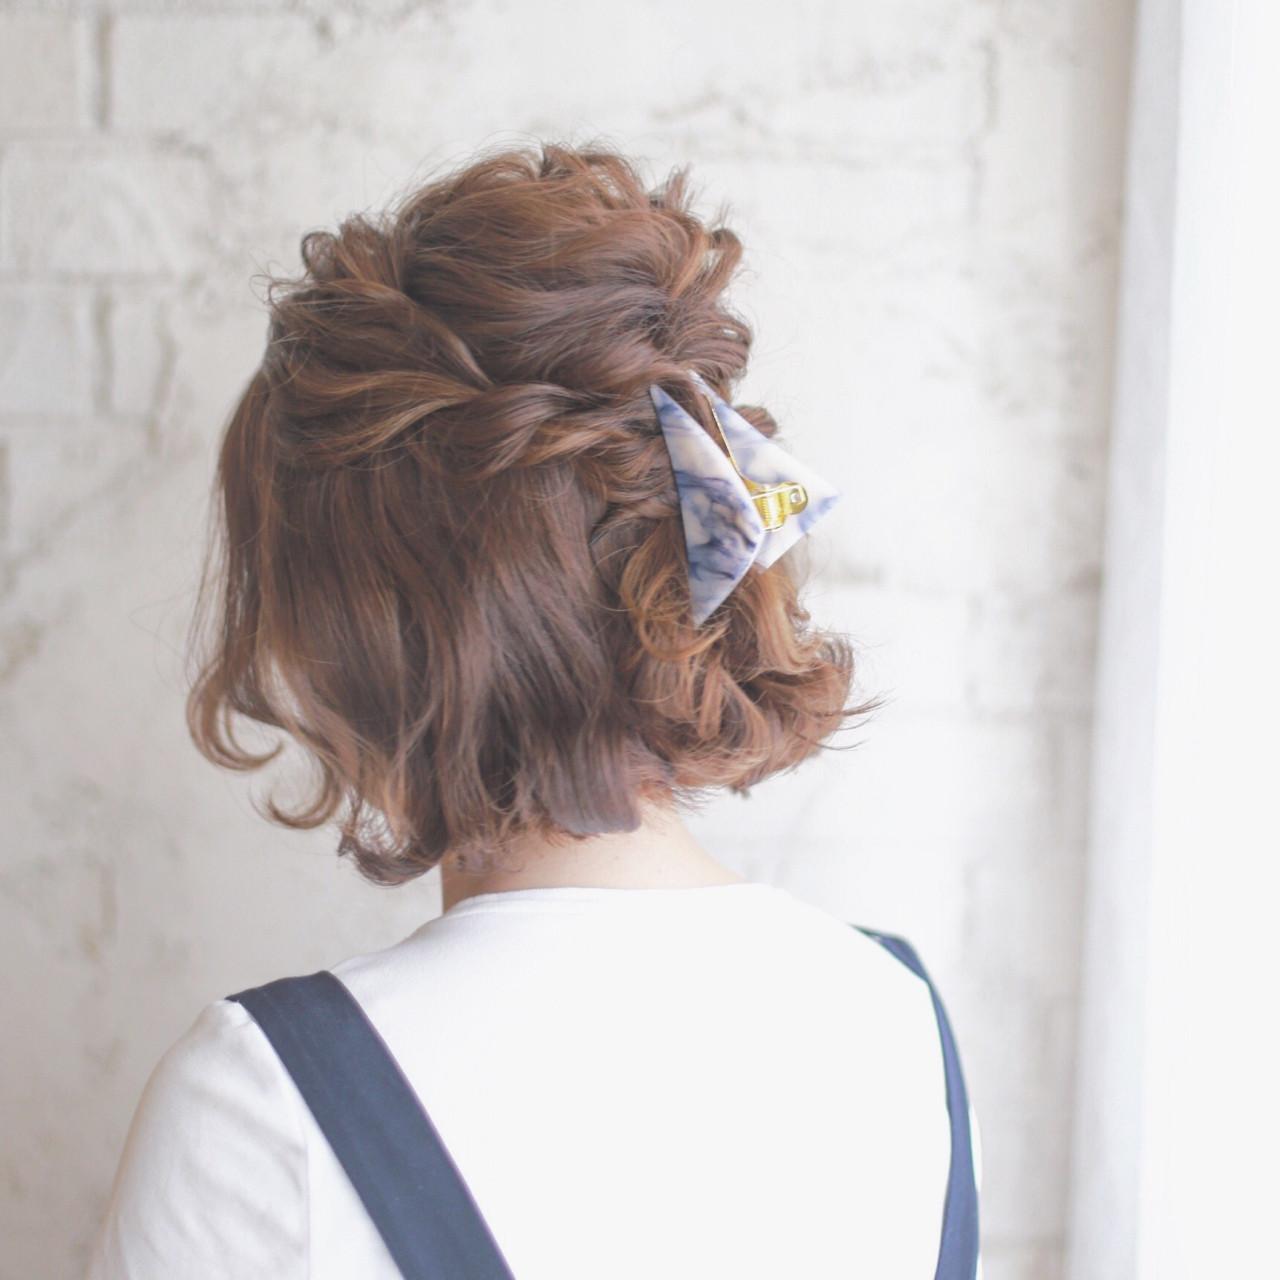 ショート ハイライト ハーフアップ ボブ ヘアスタイルや髪型の写真・画像